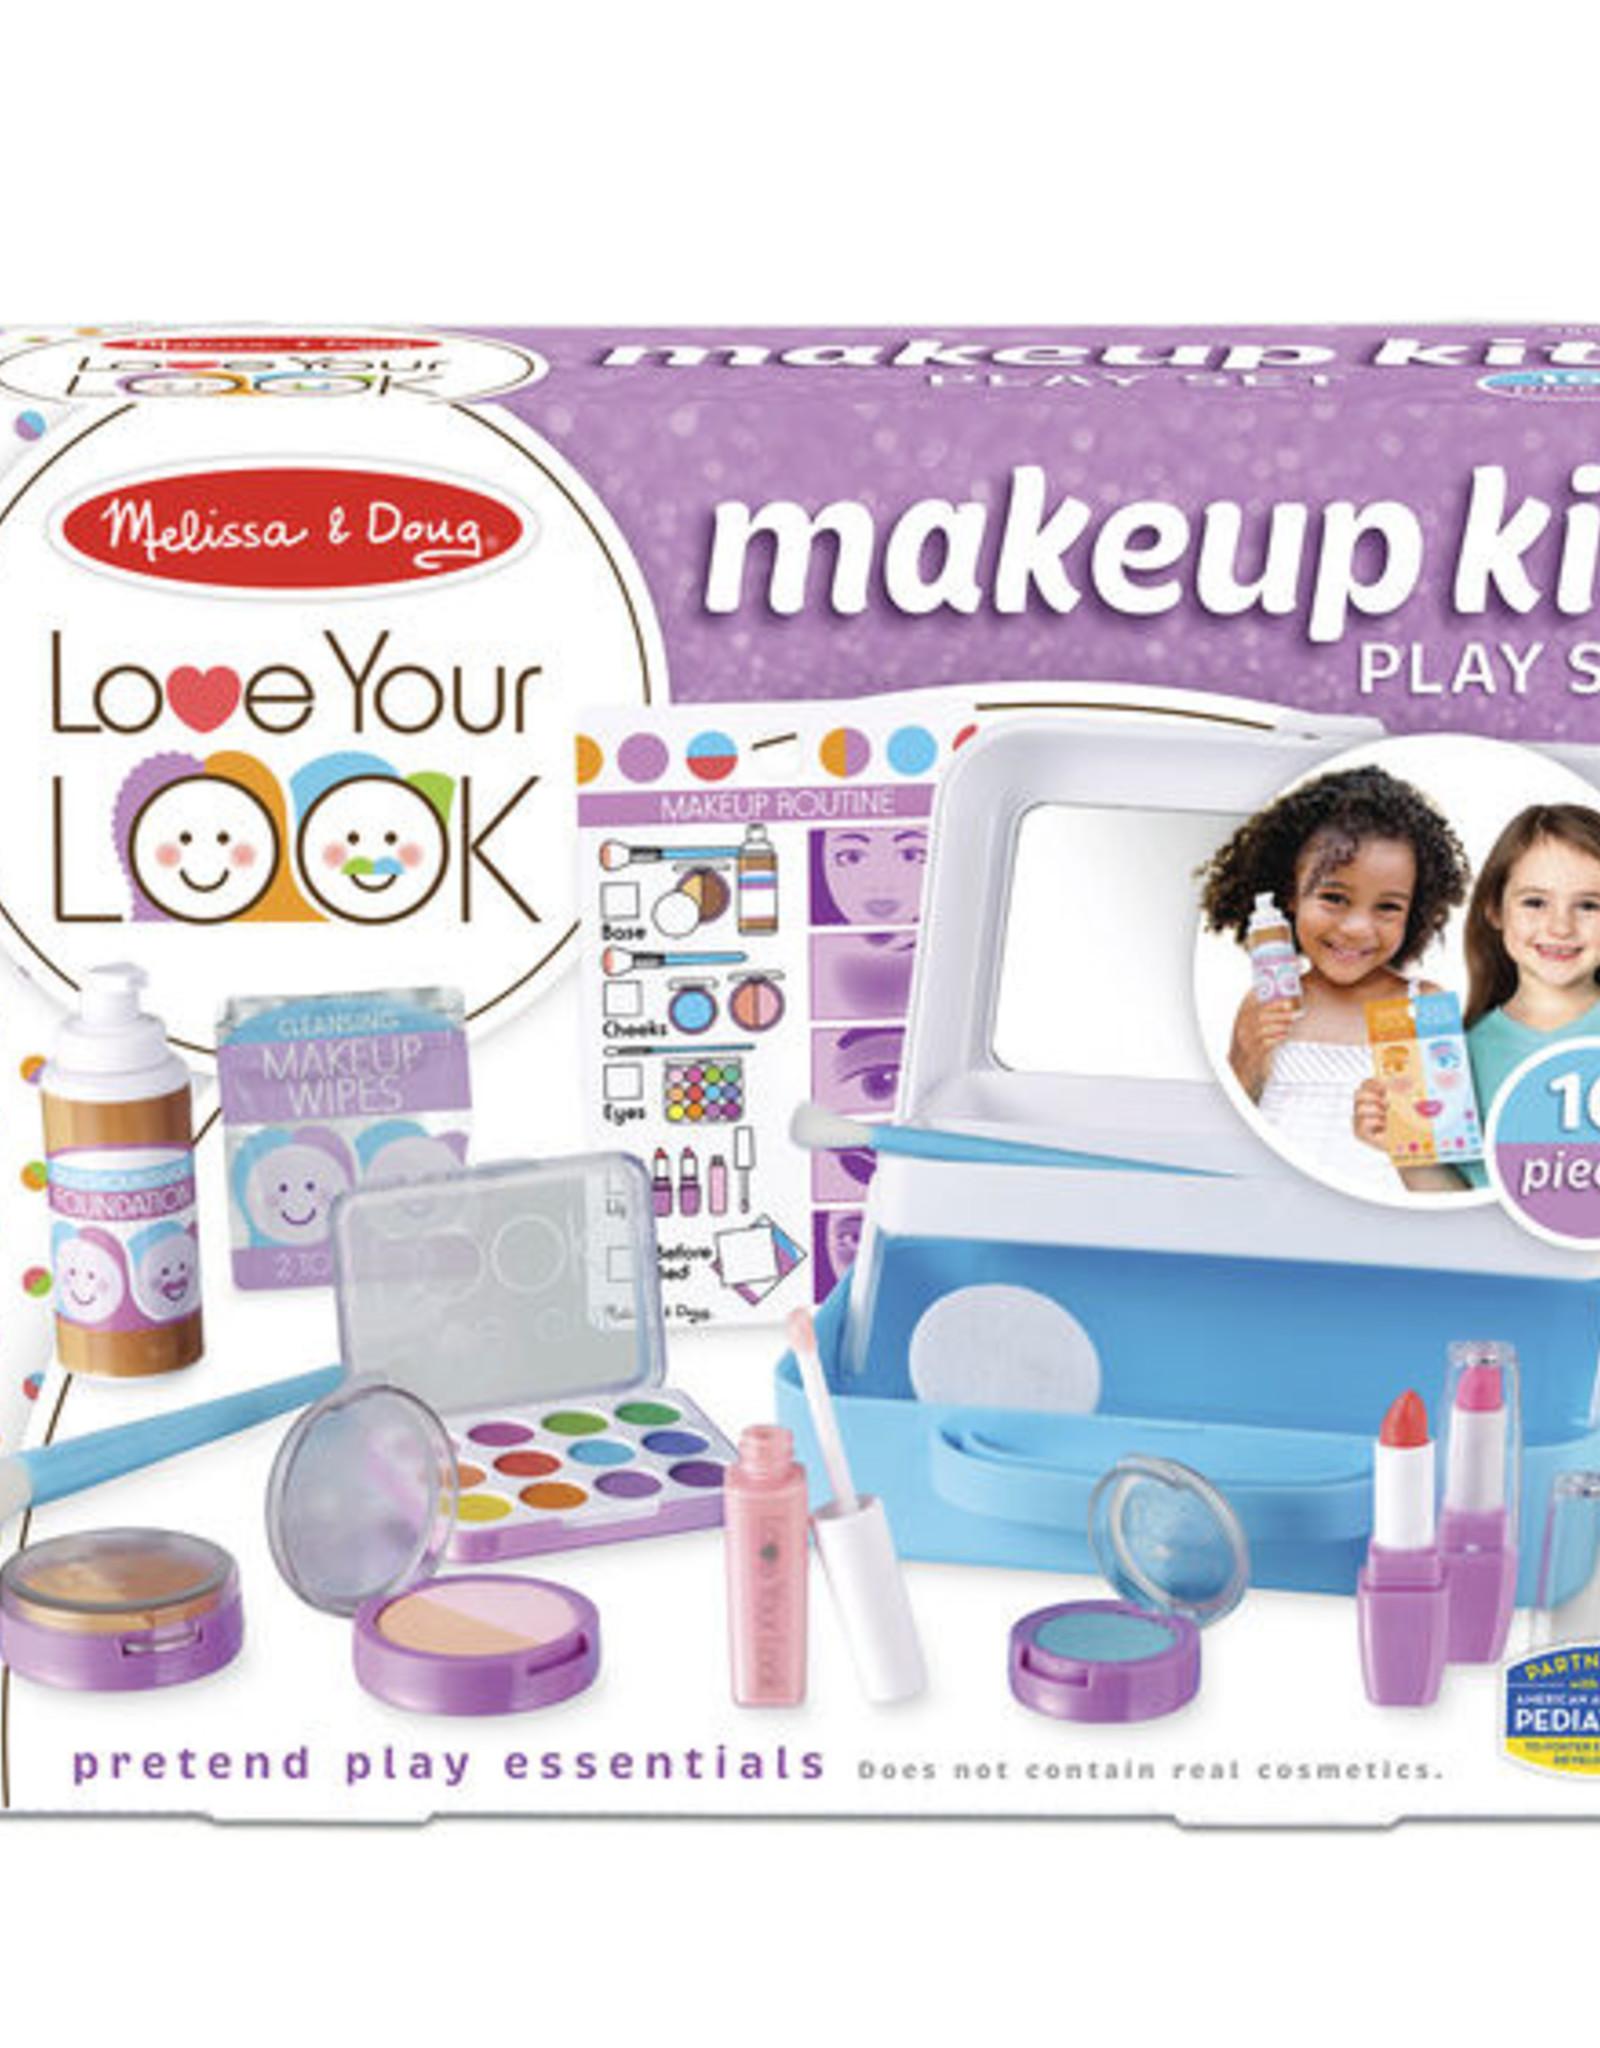 Melissa & Doug LOVE YOUR LOOK - Makeup Kit Play Set